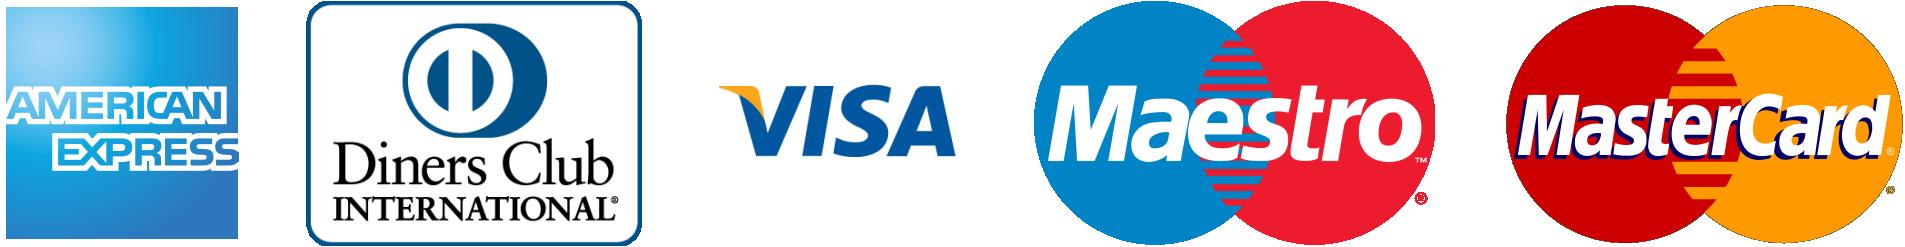 card_logo-1